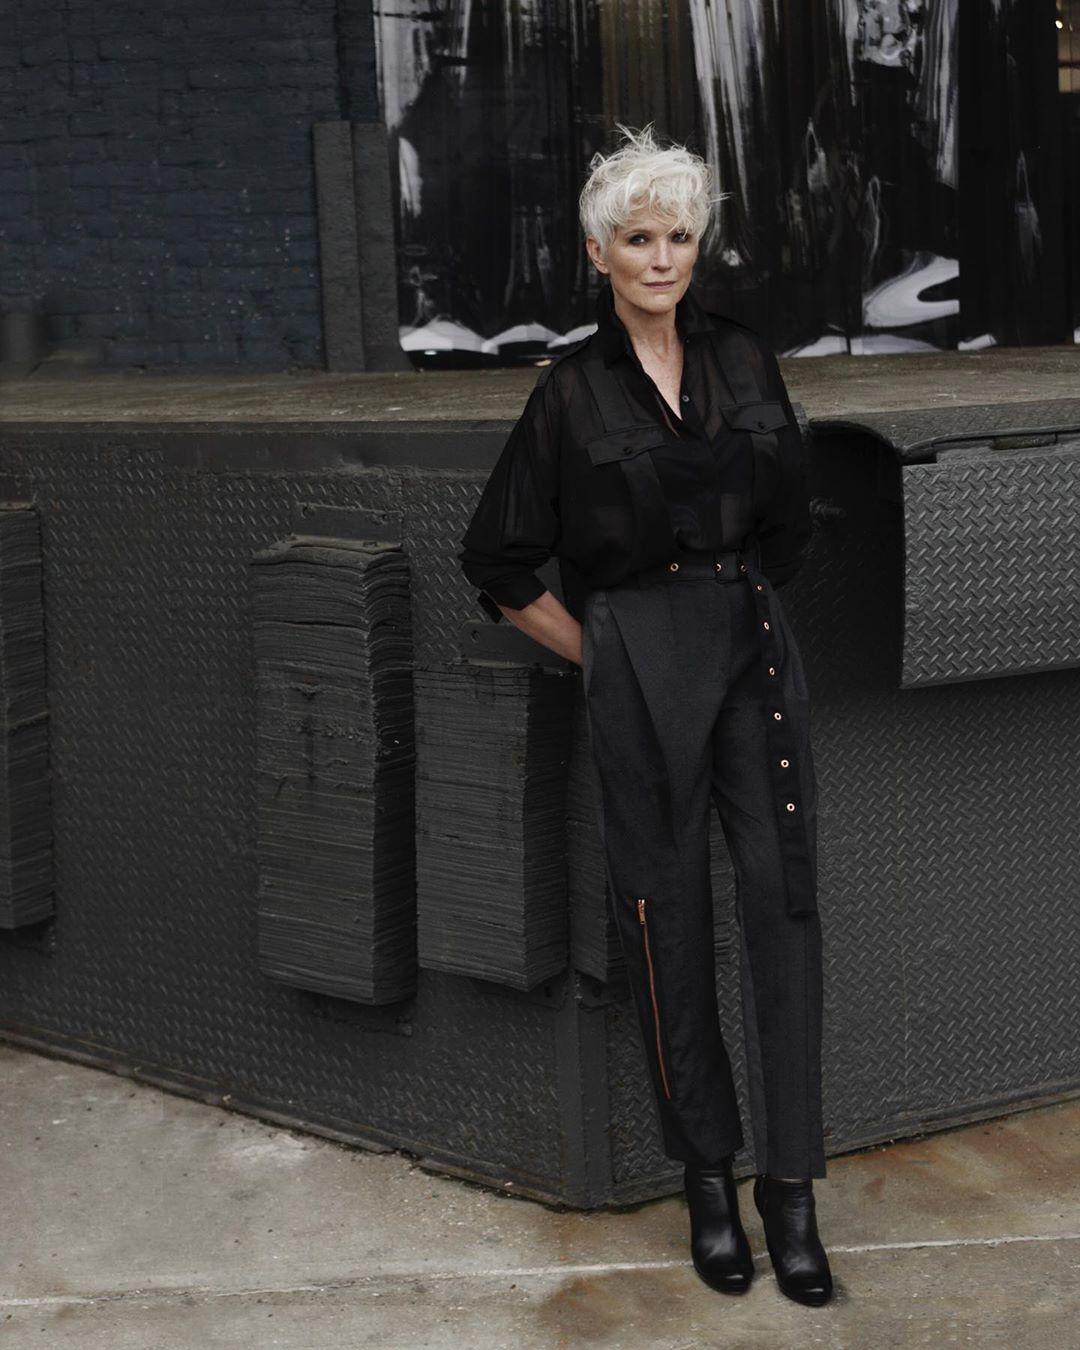 Ở độ tuổi 72, bà Maye vẫn khá đắt show chụp hình thời trang.